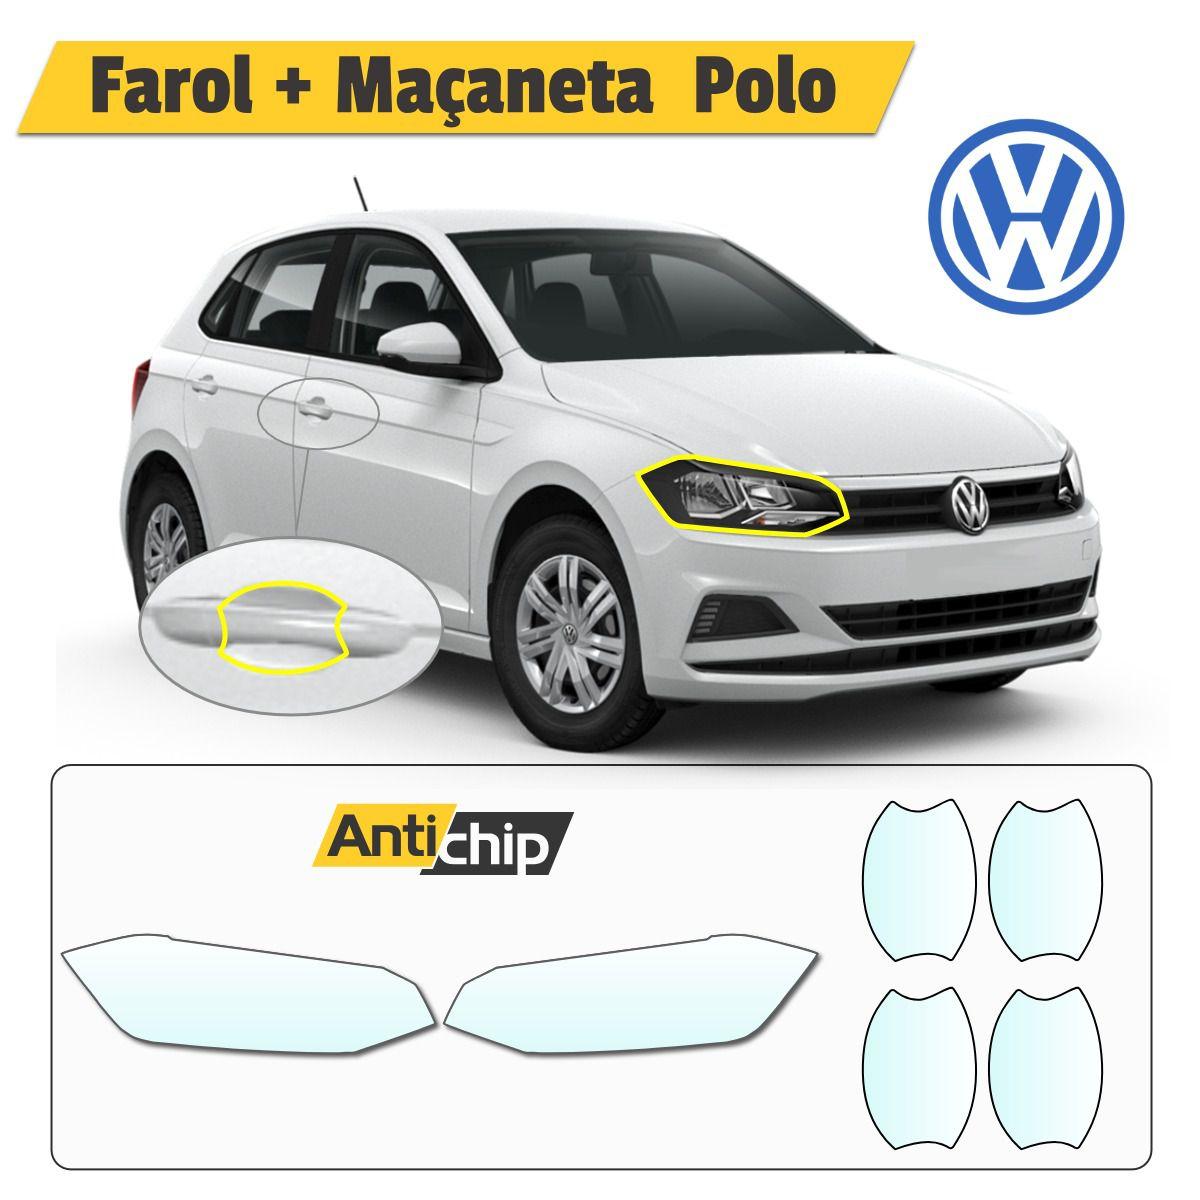 Película Protetora de Farol + Maçaneta Volkswagen Polo - Antichip